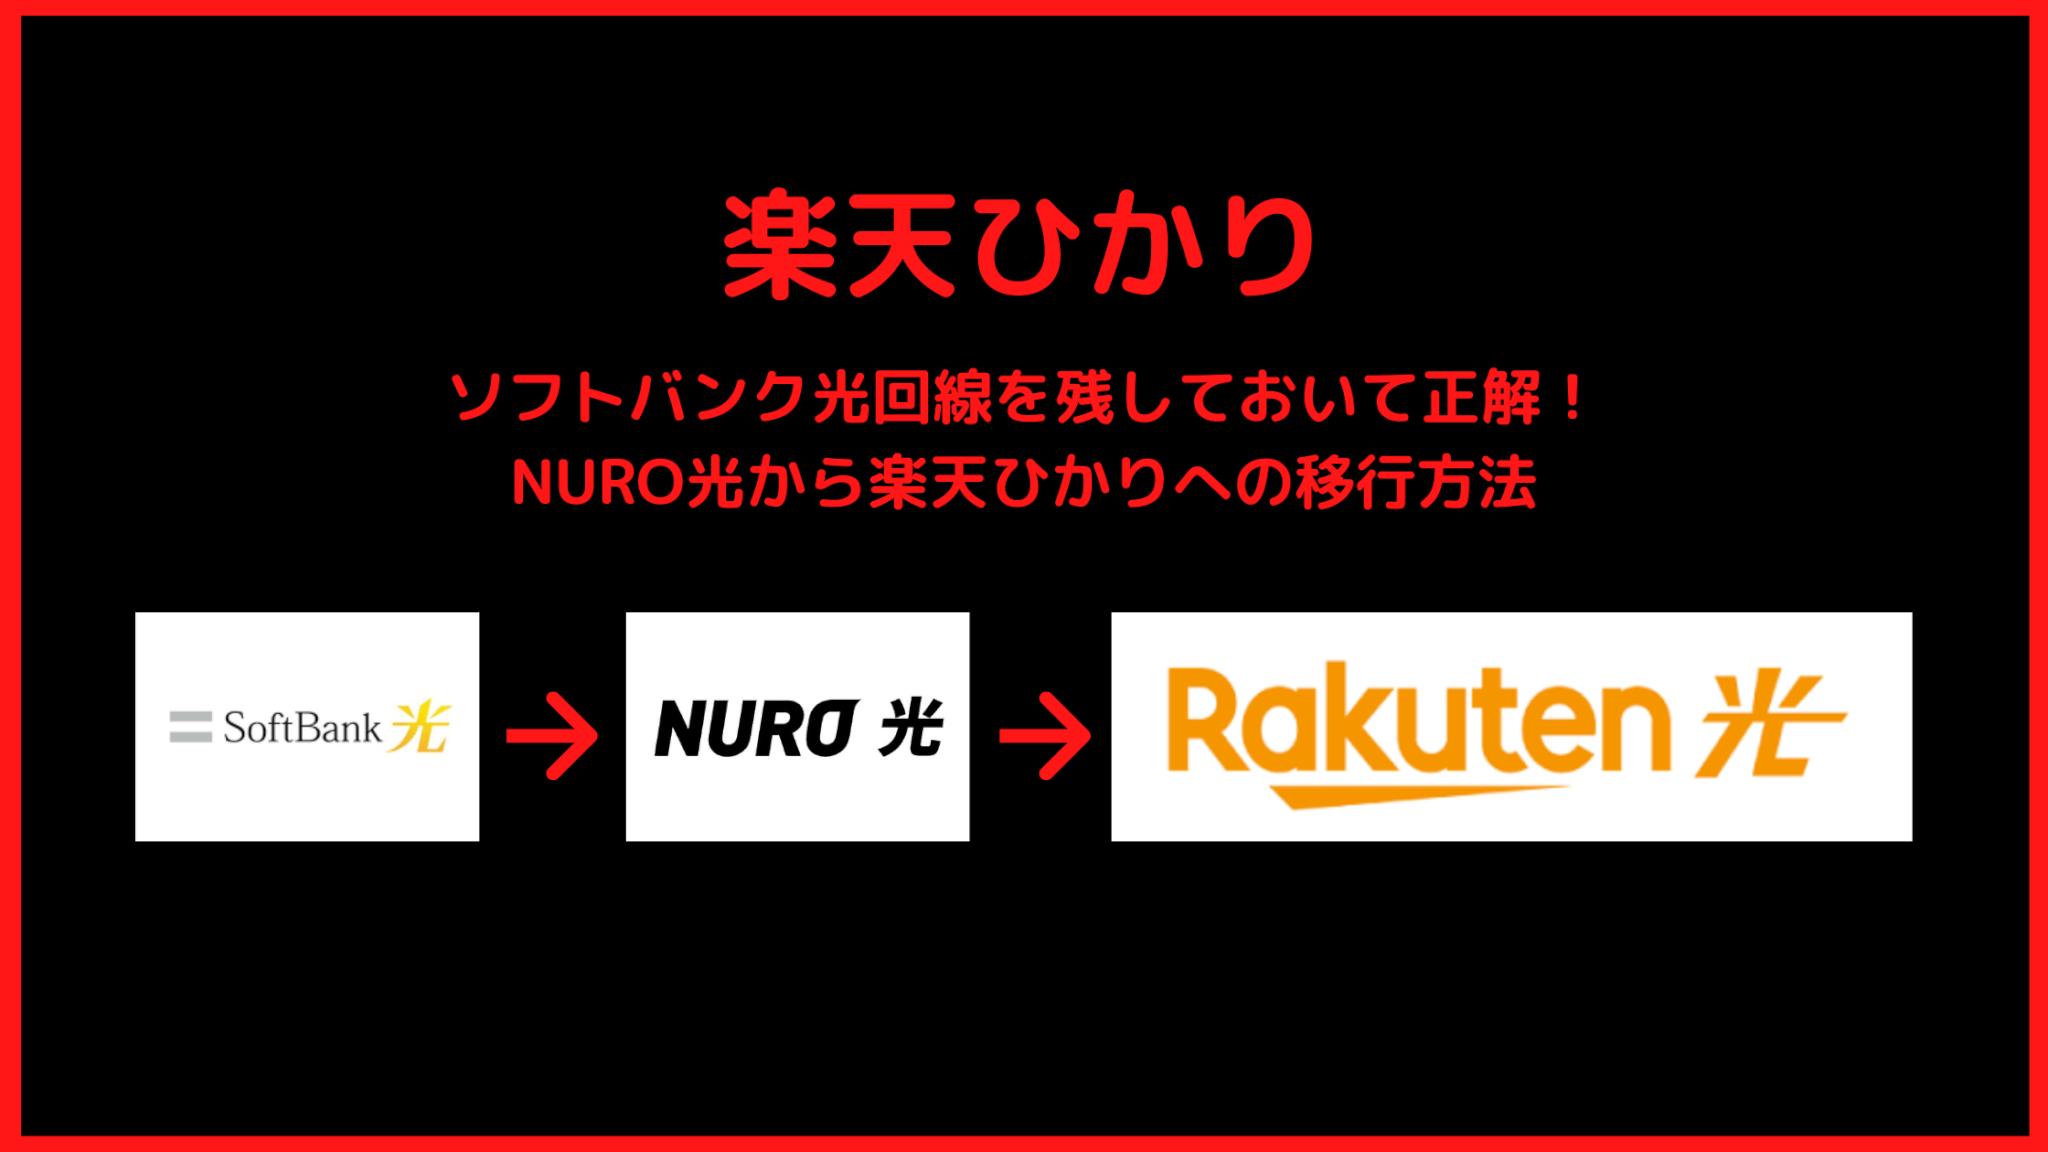 【簡単】NURO光から楽天ひかりへの乗り換え方法6個:私の実績を公開